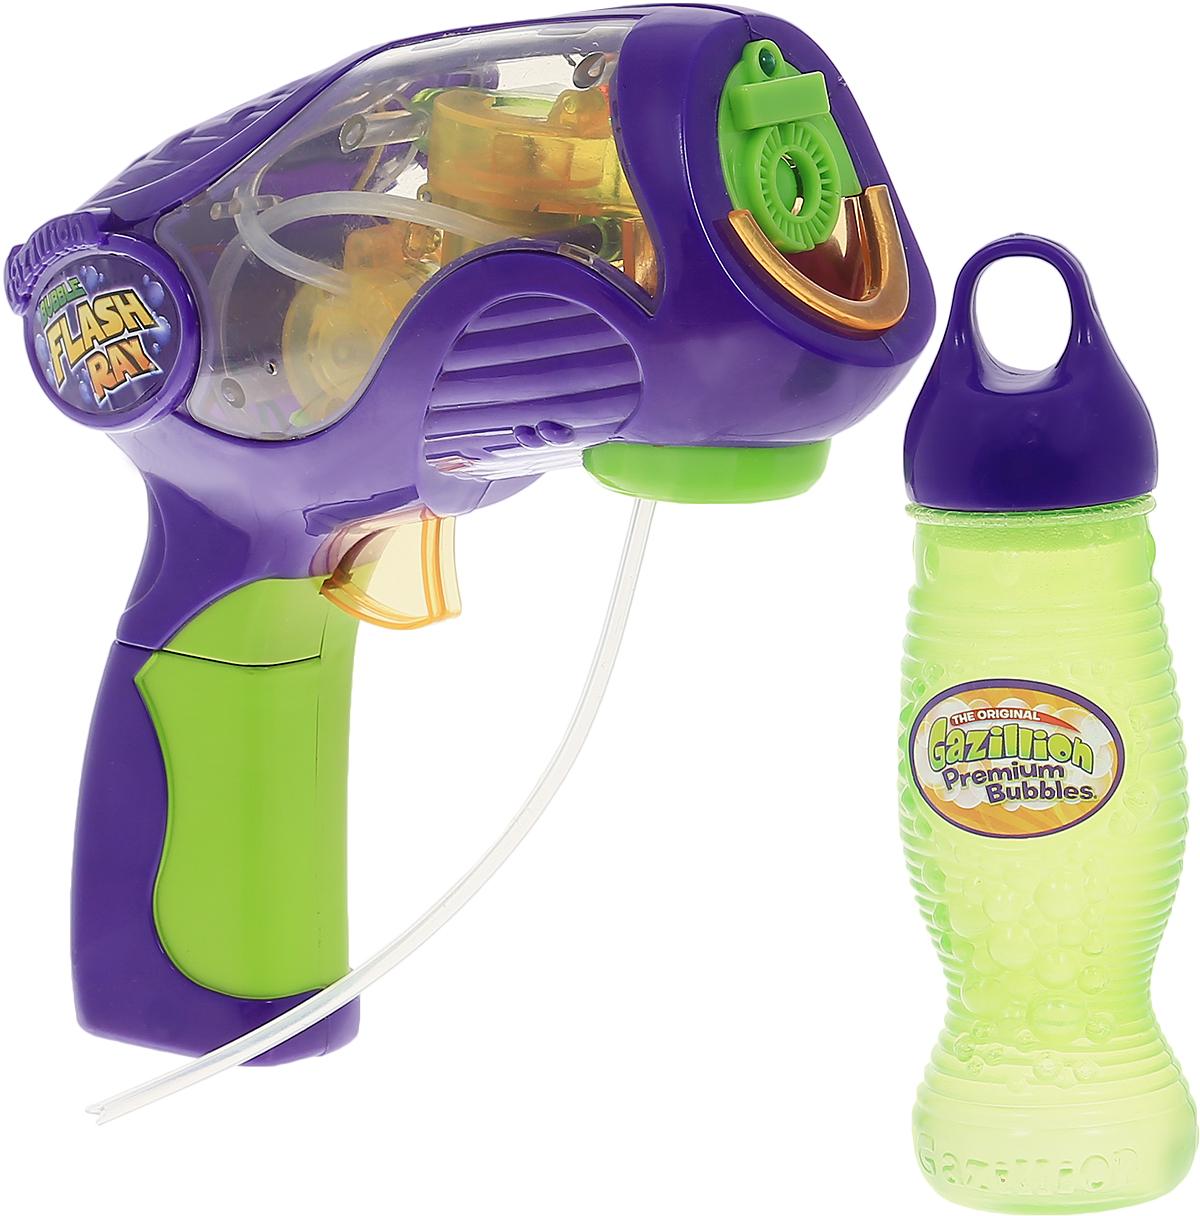 Gazillion Bubbles Набор для пускания мыльных пузырей Bubble Flash Ray 36143